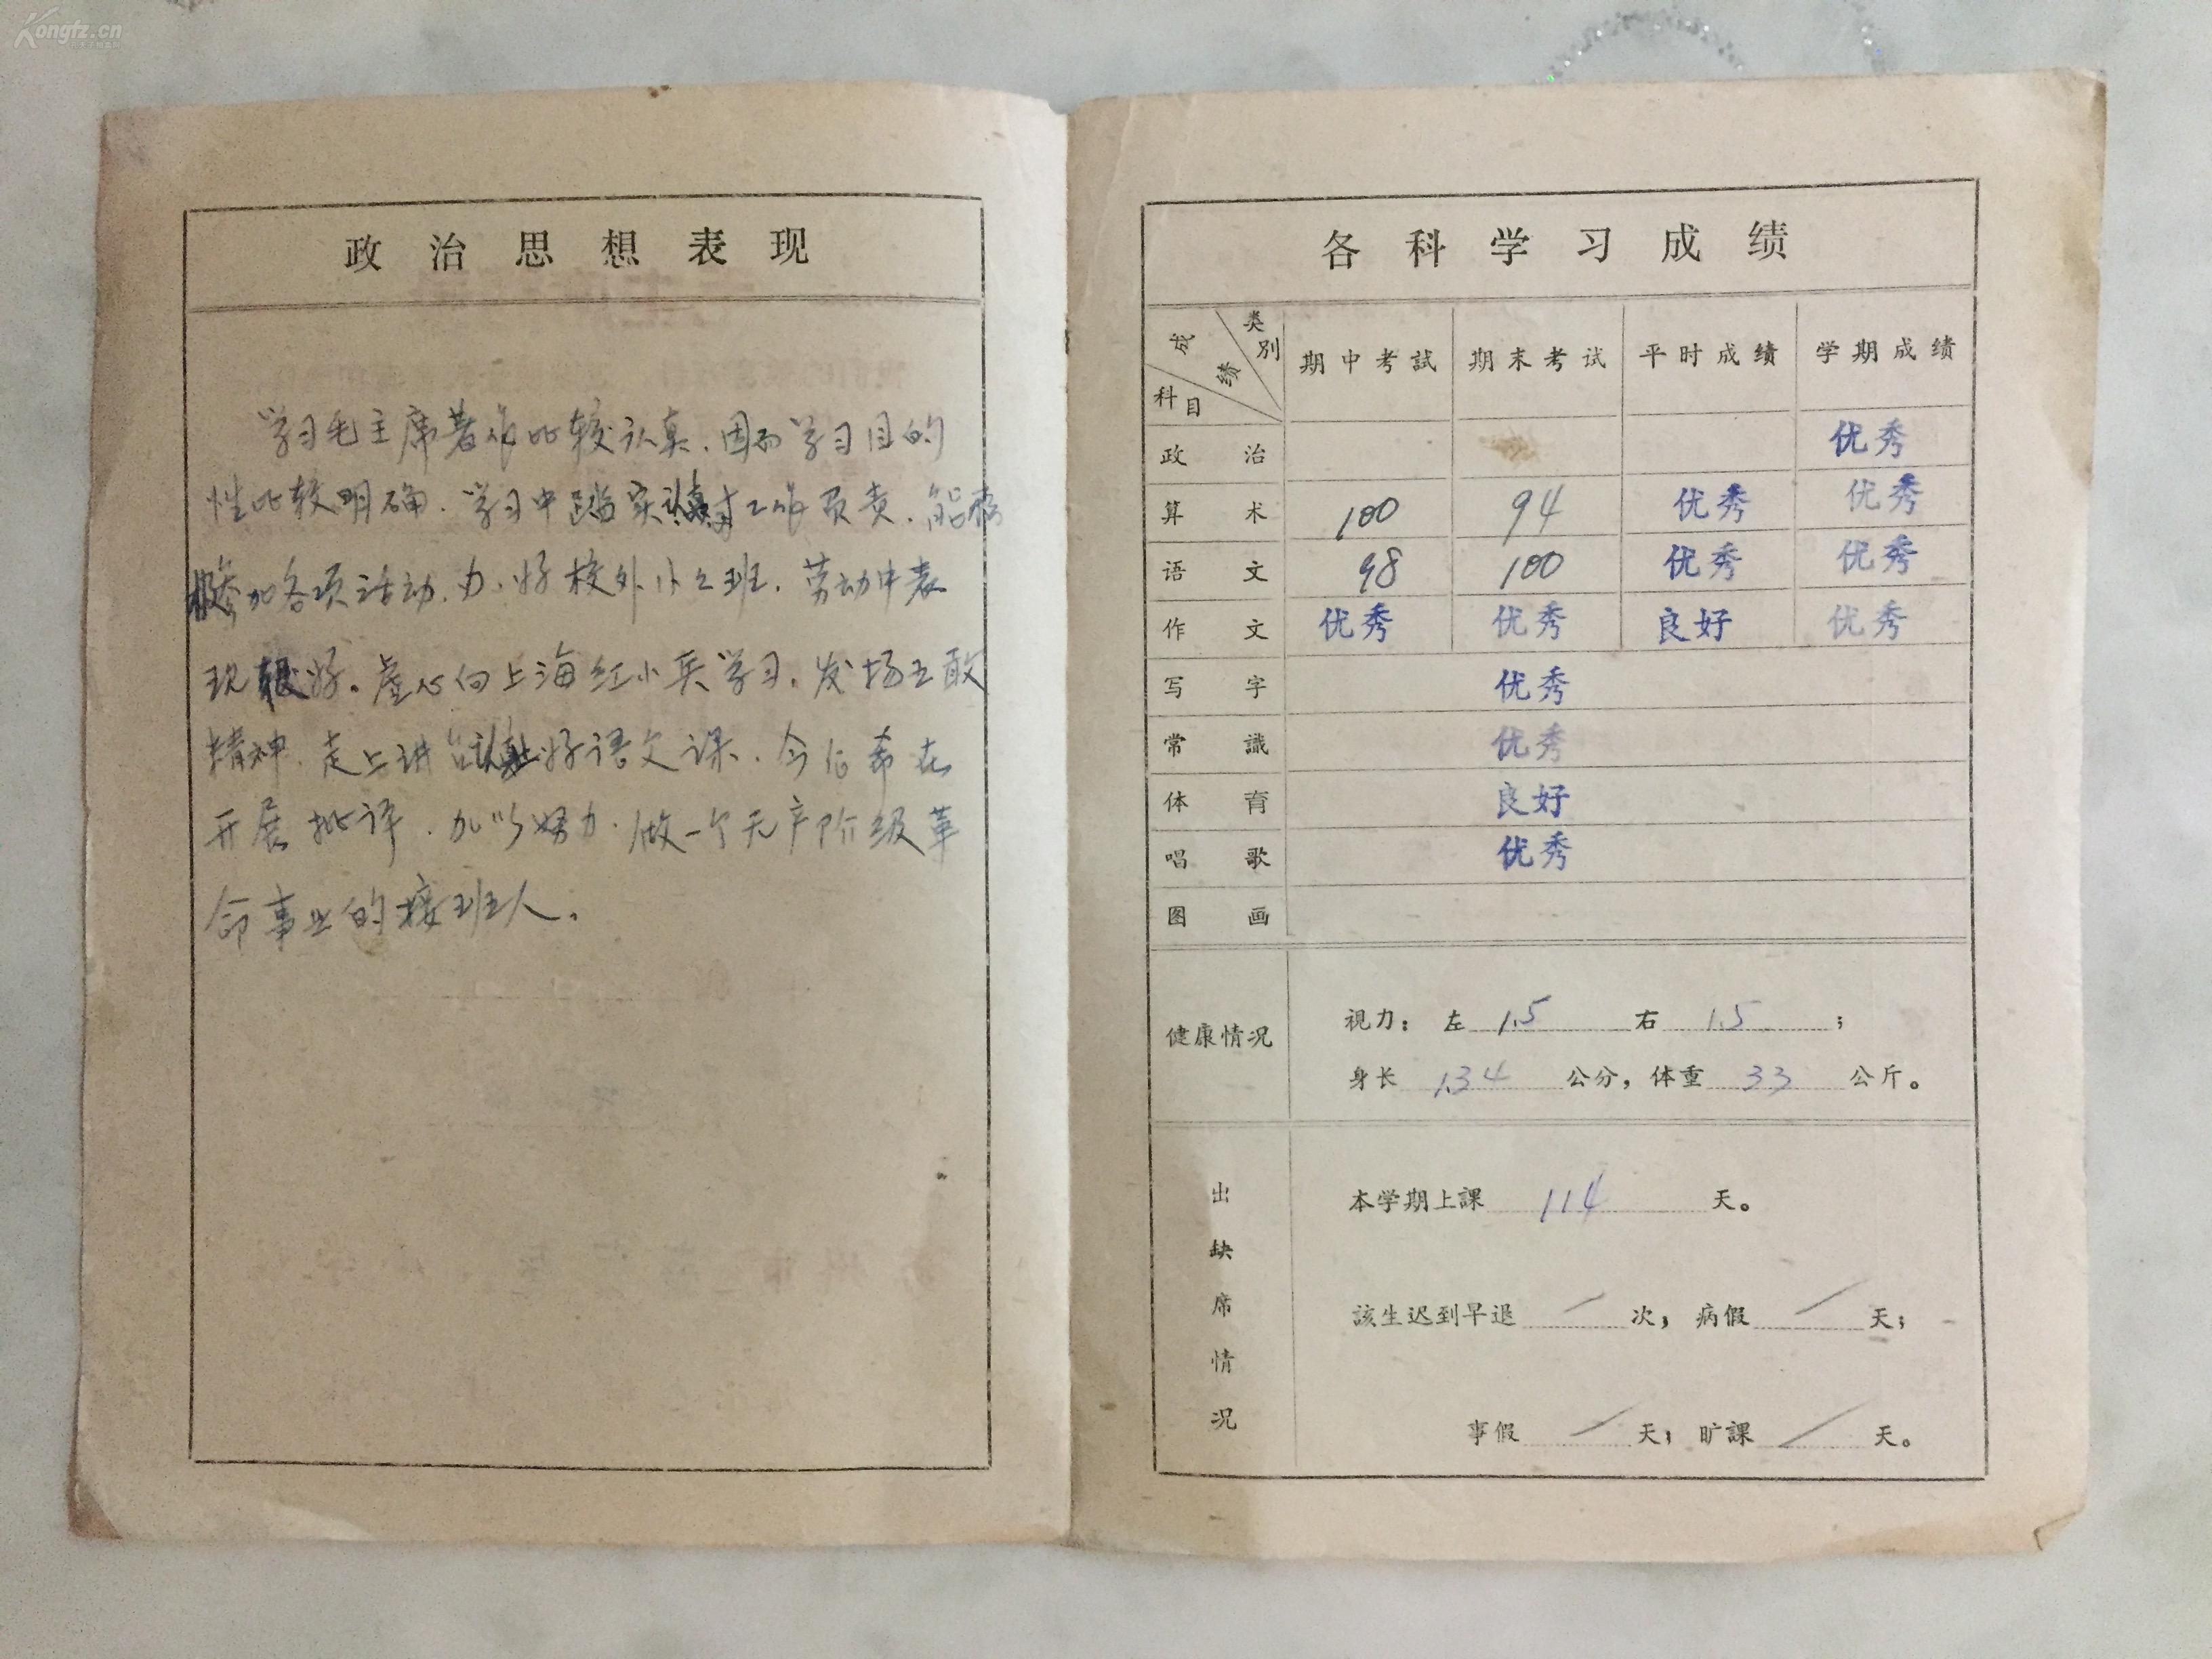 1974年苏州录葭巷主席一学年带毛语录小学《侠盗罗宾汉小学图片